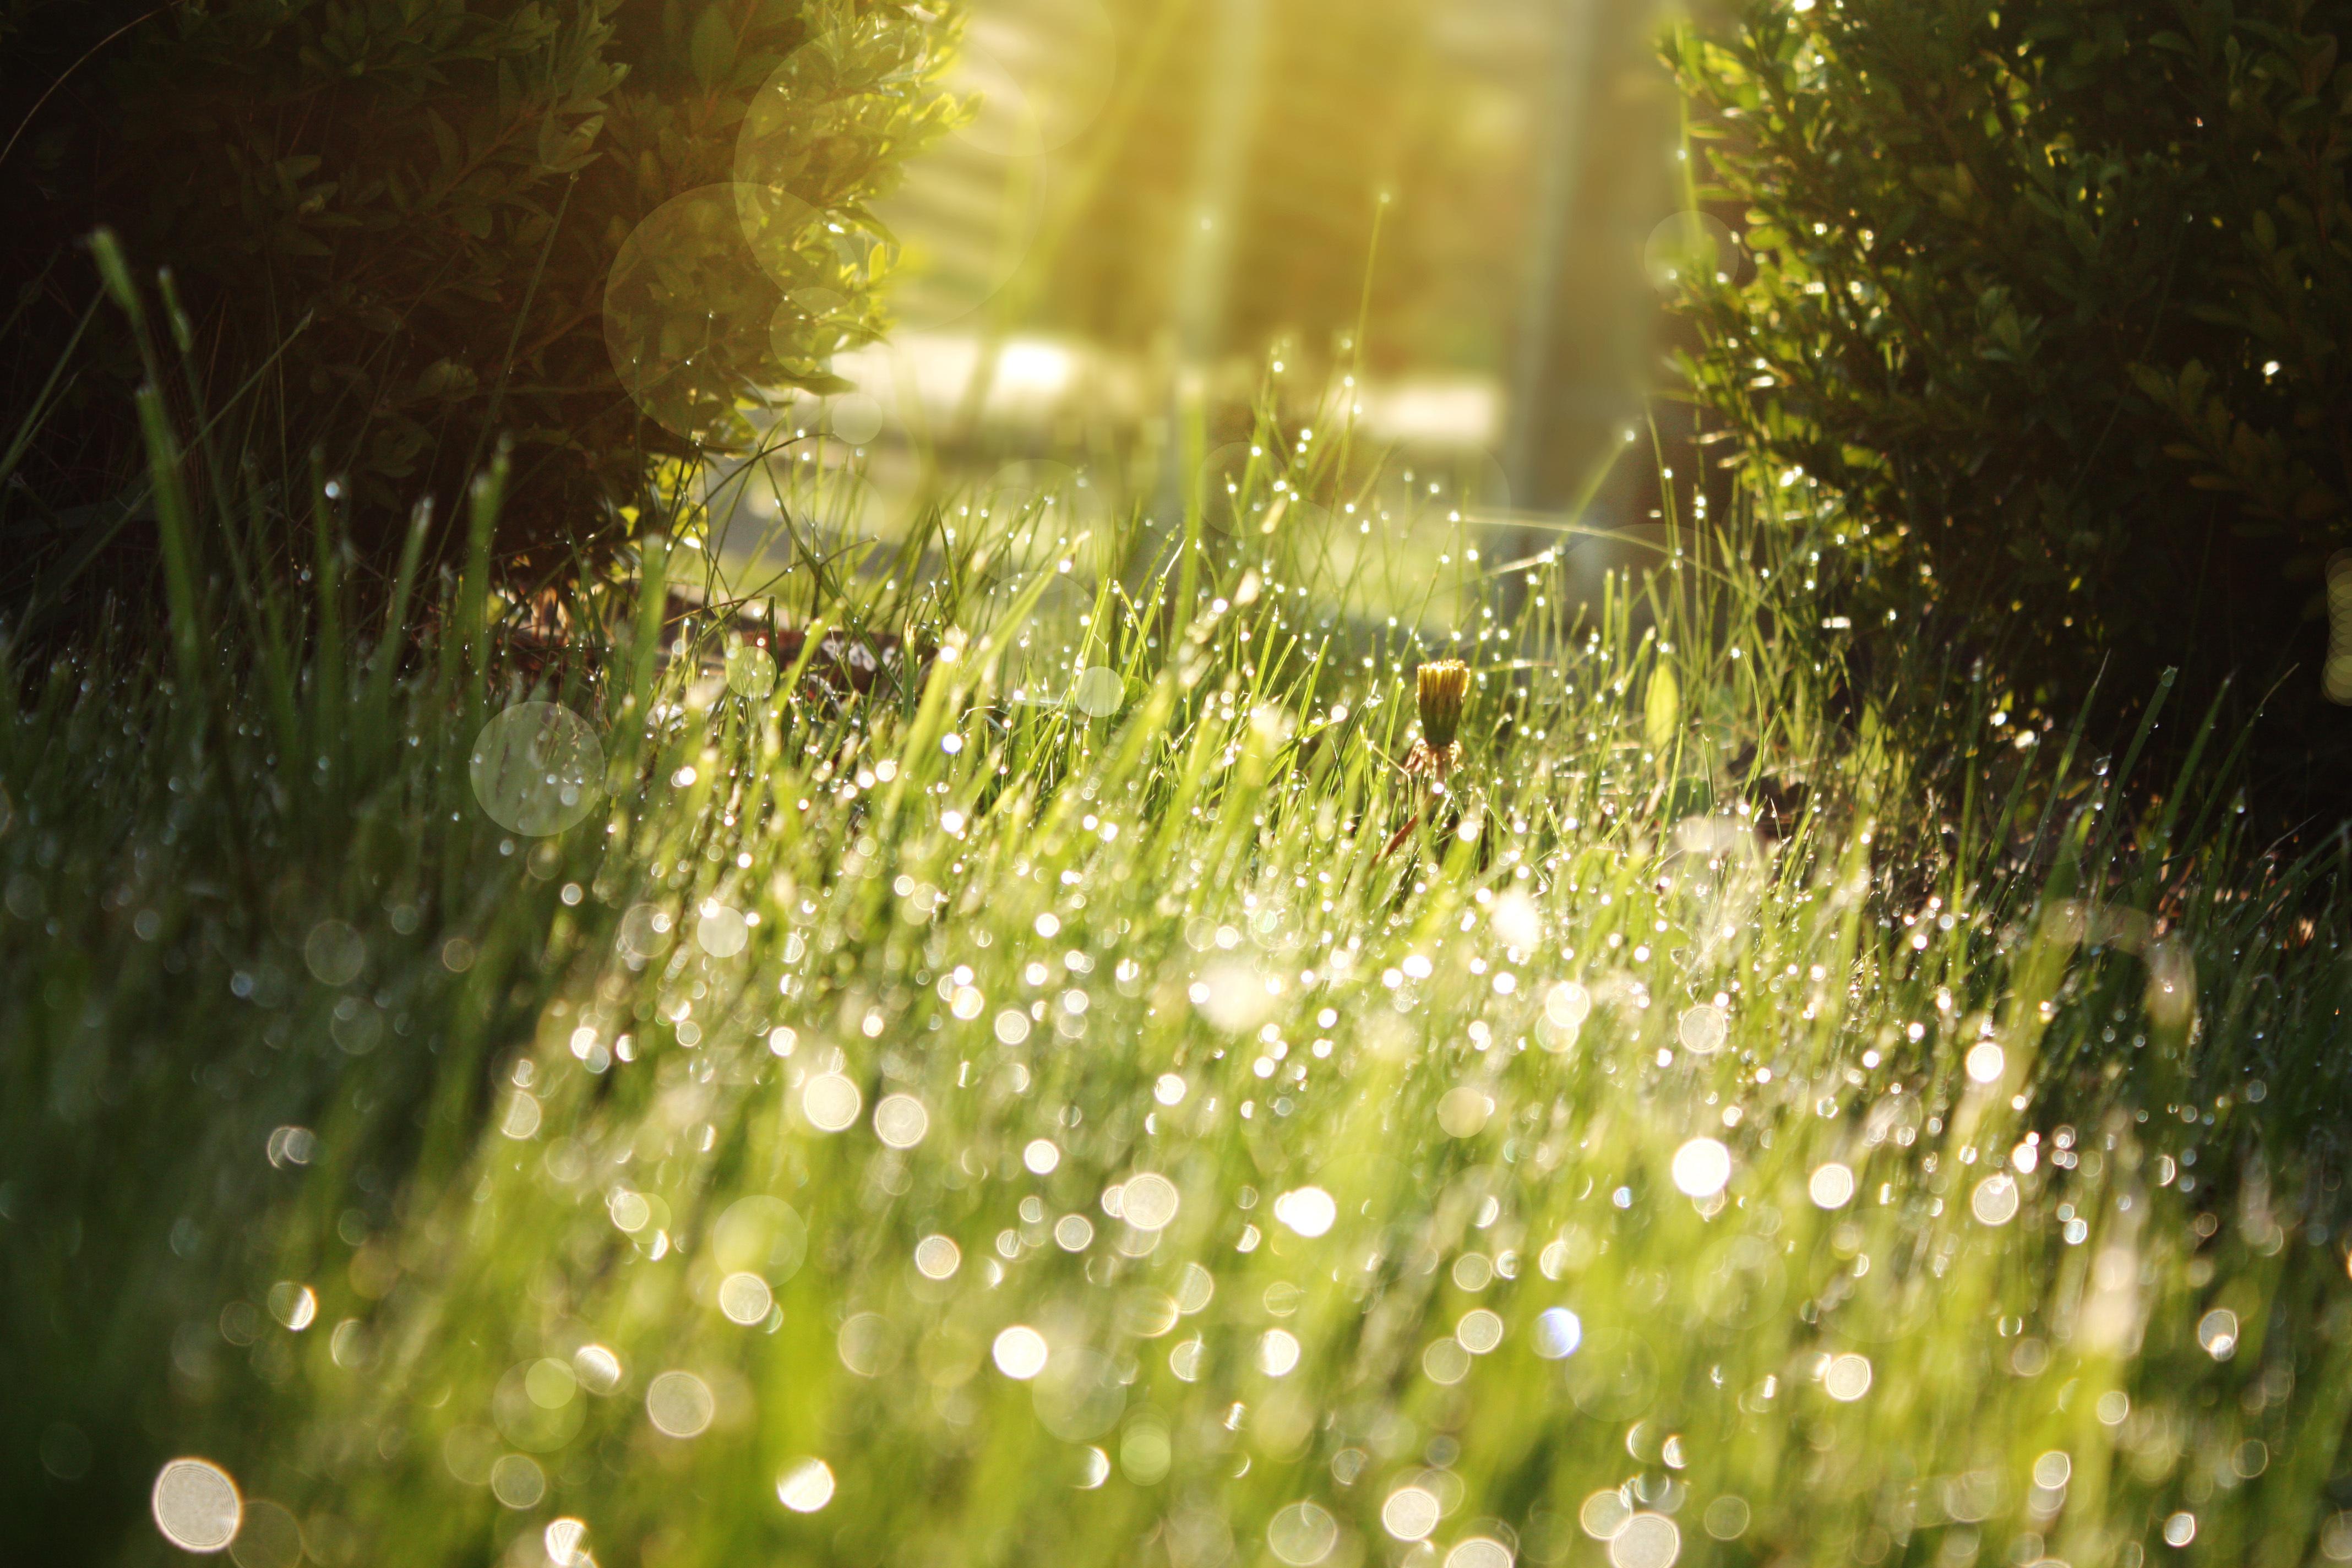 цветы солнце блики  № 1247200 без смс